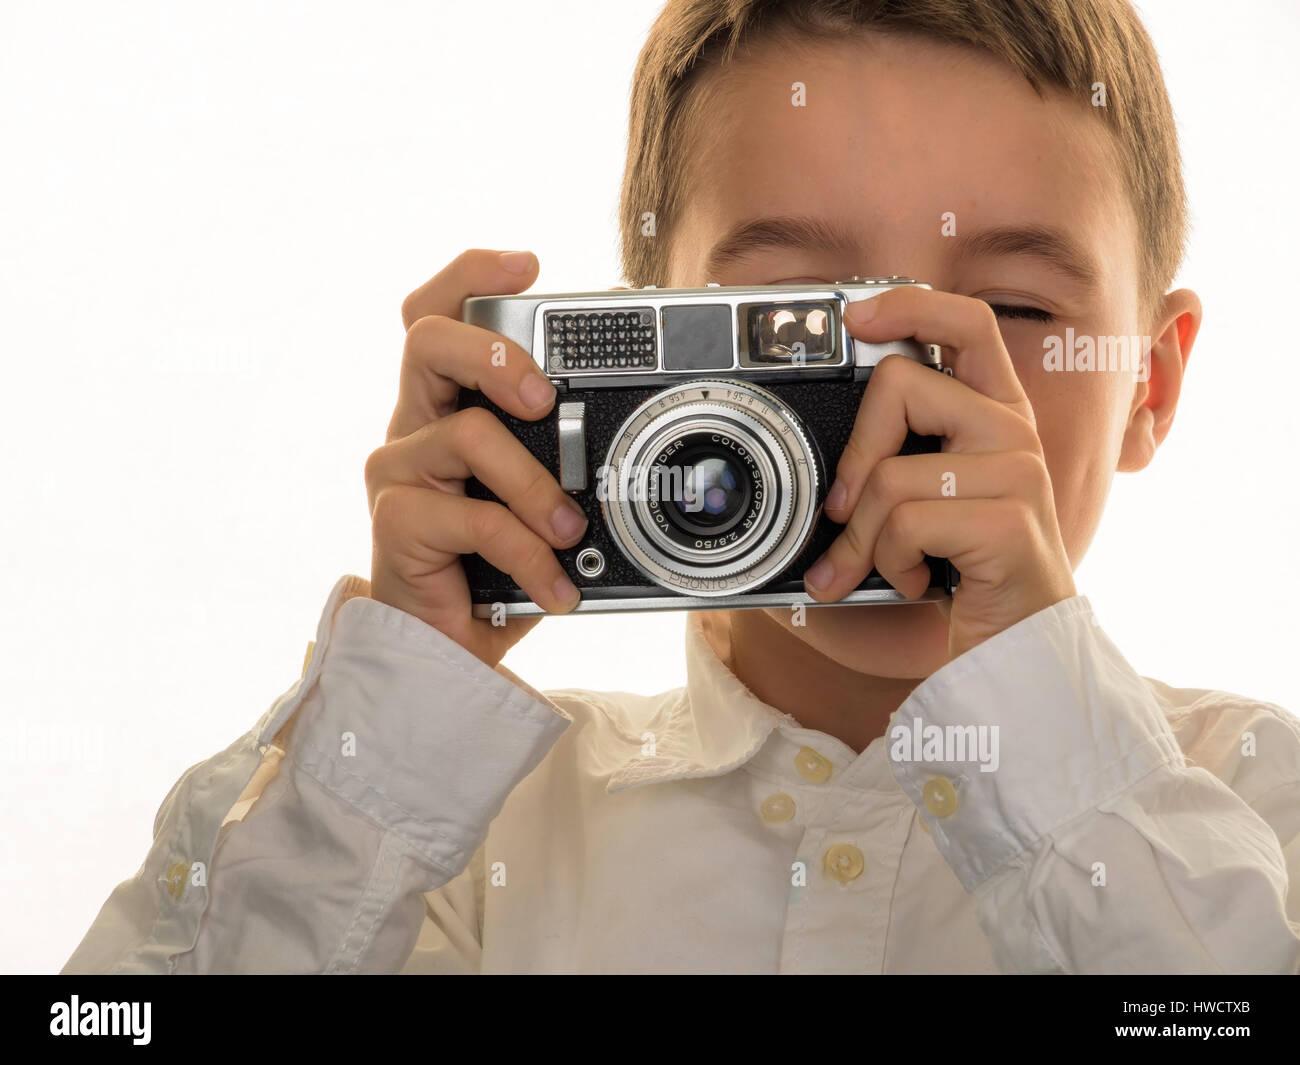 A boy takes photos with an old camera., Ein Junge fotografiert mit einem alten Fotoapparat. Stock Photo